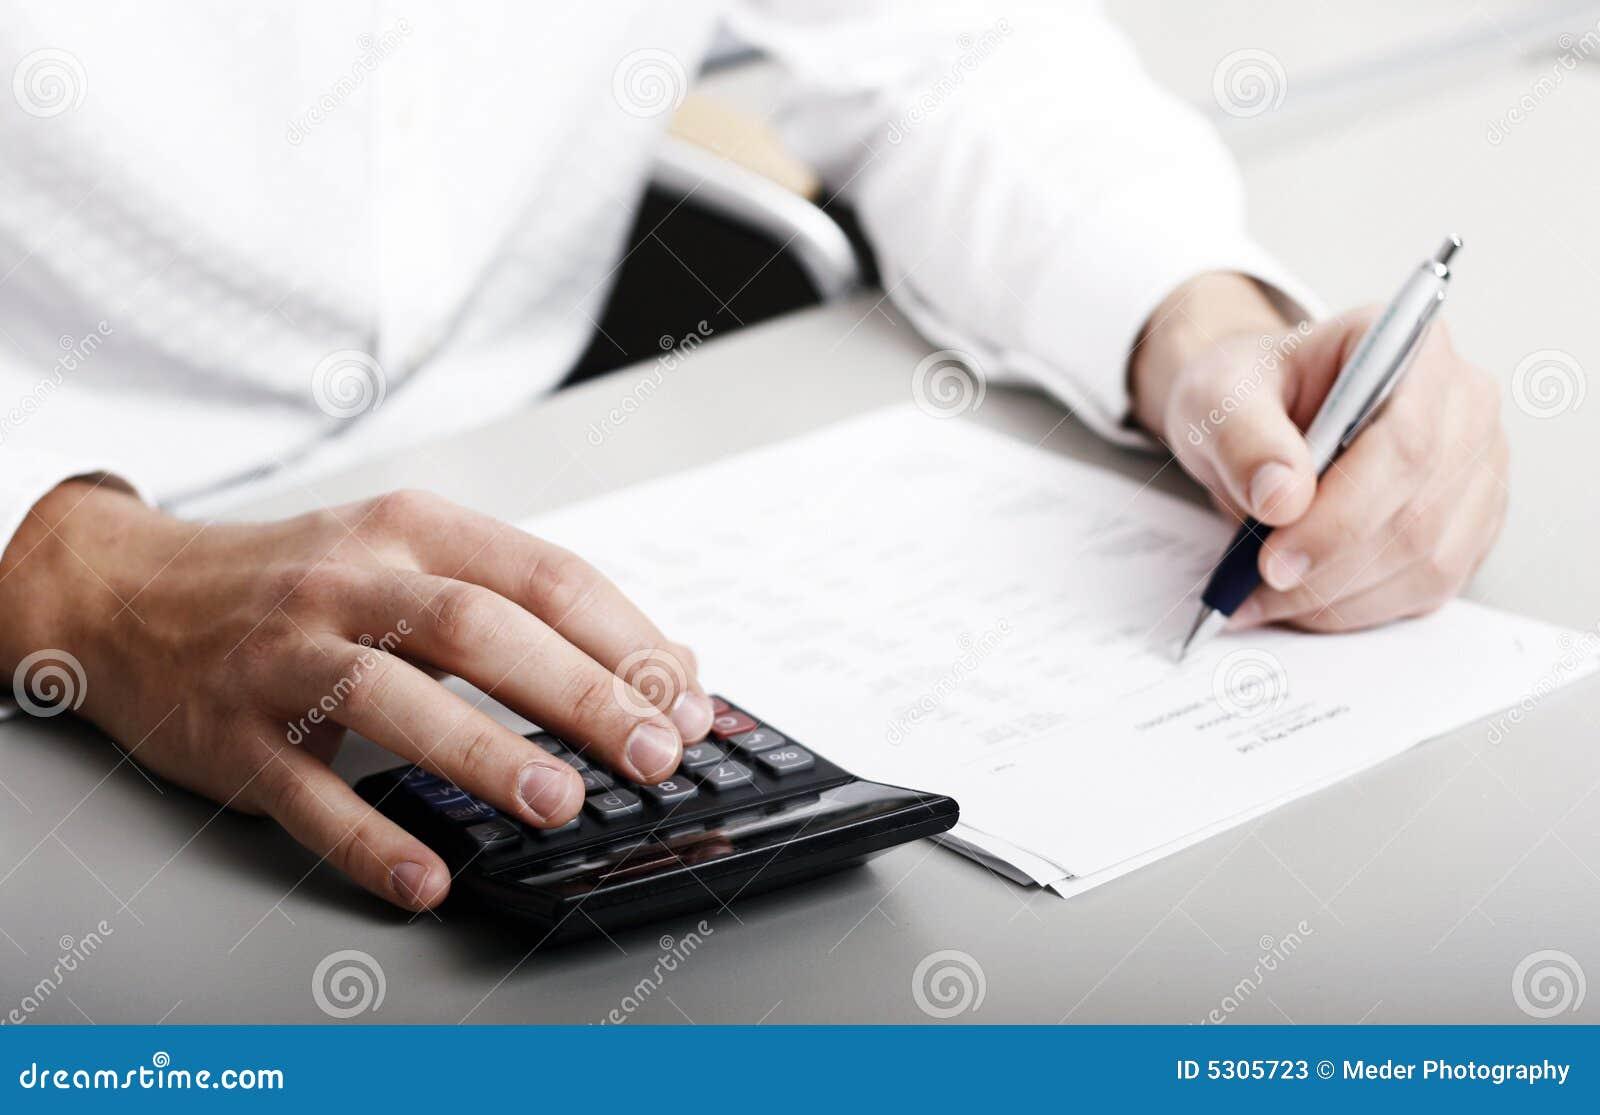 Download Dichiarazione Dei Redditi Finanziaria Immagine Stock - Immagine di commercio, perdita: 5305723